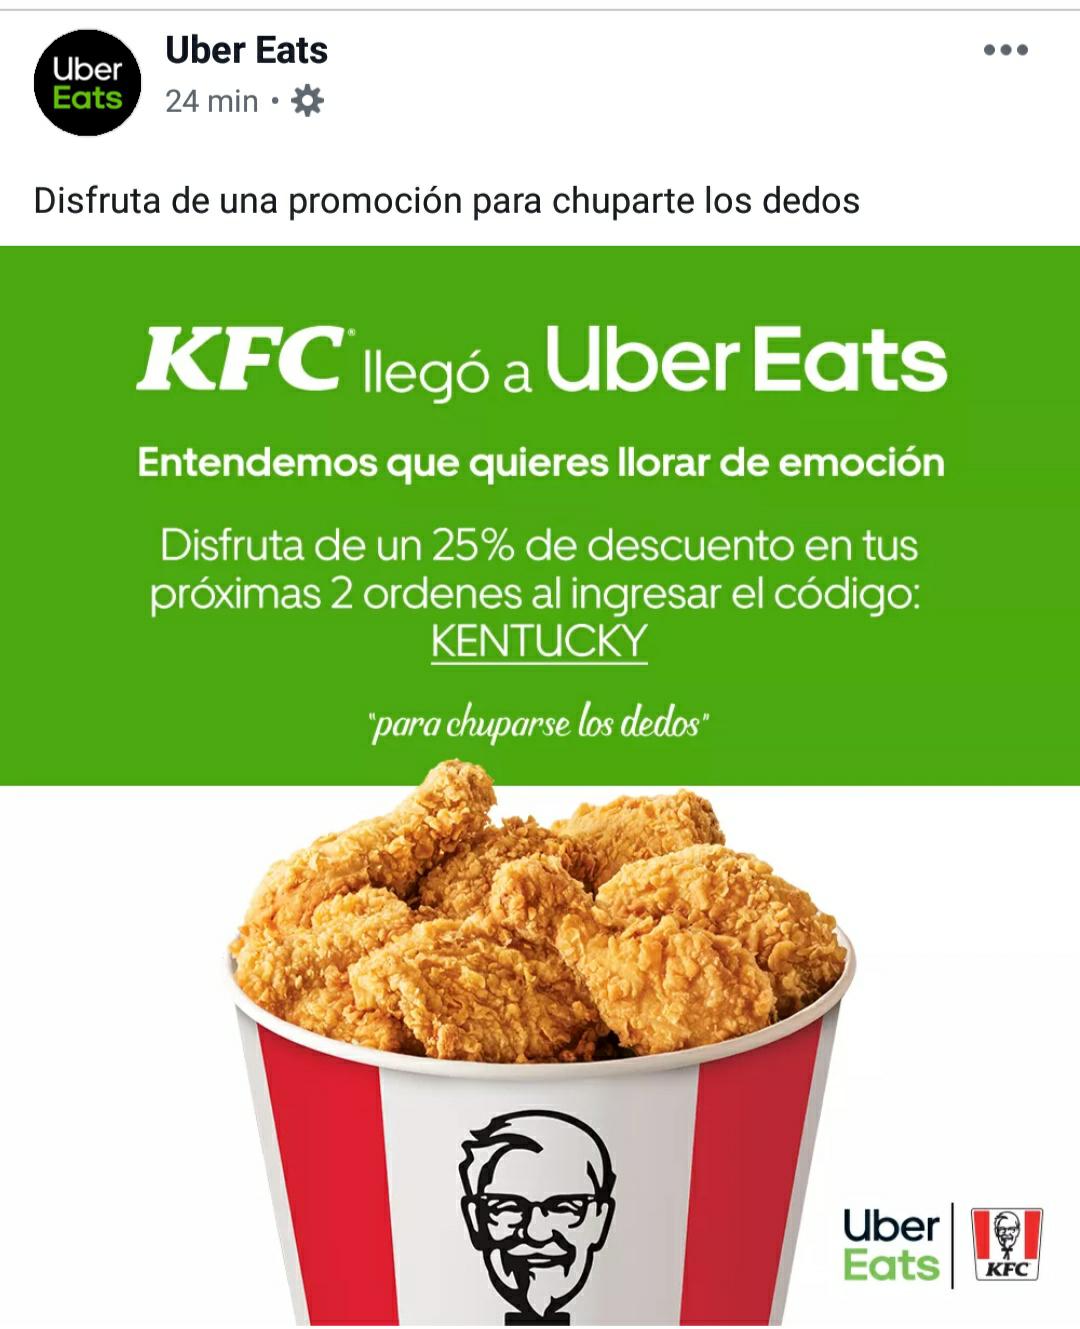 Uber Eats: KFC 25 % en dos órdenes